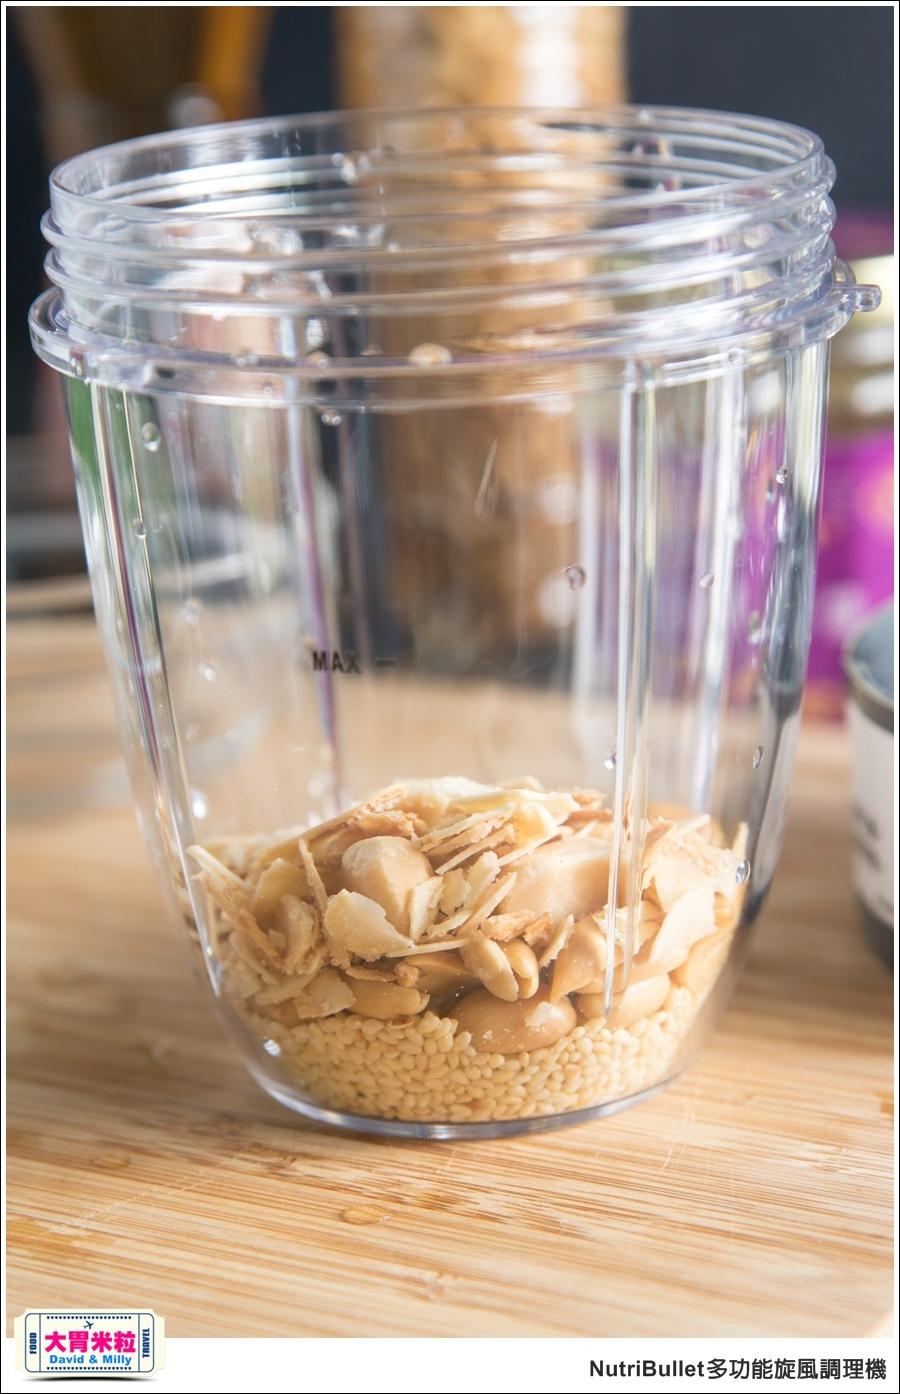 食物調理機推薦@美國NutriBullet高效精萃多功能旋風調理機@大胃米粒_035.jpg